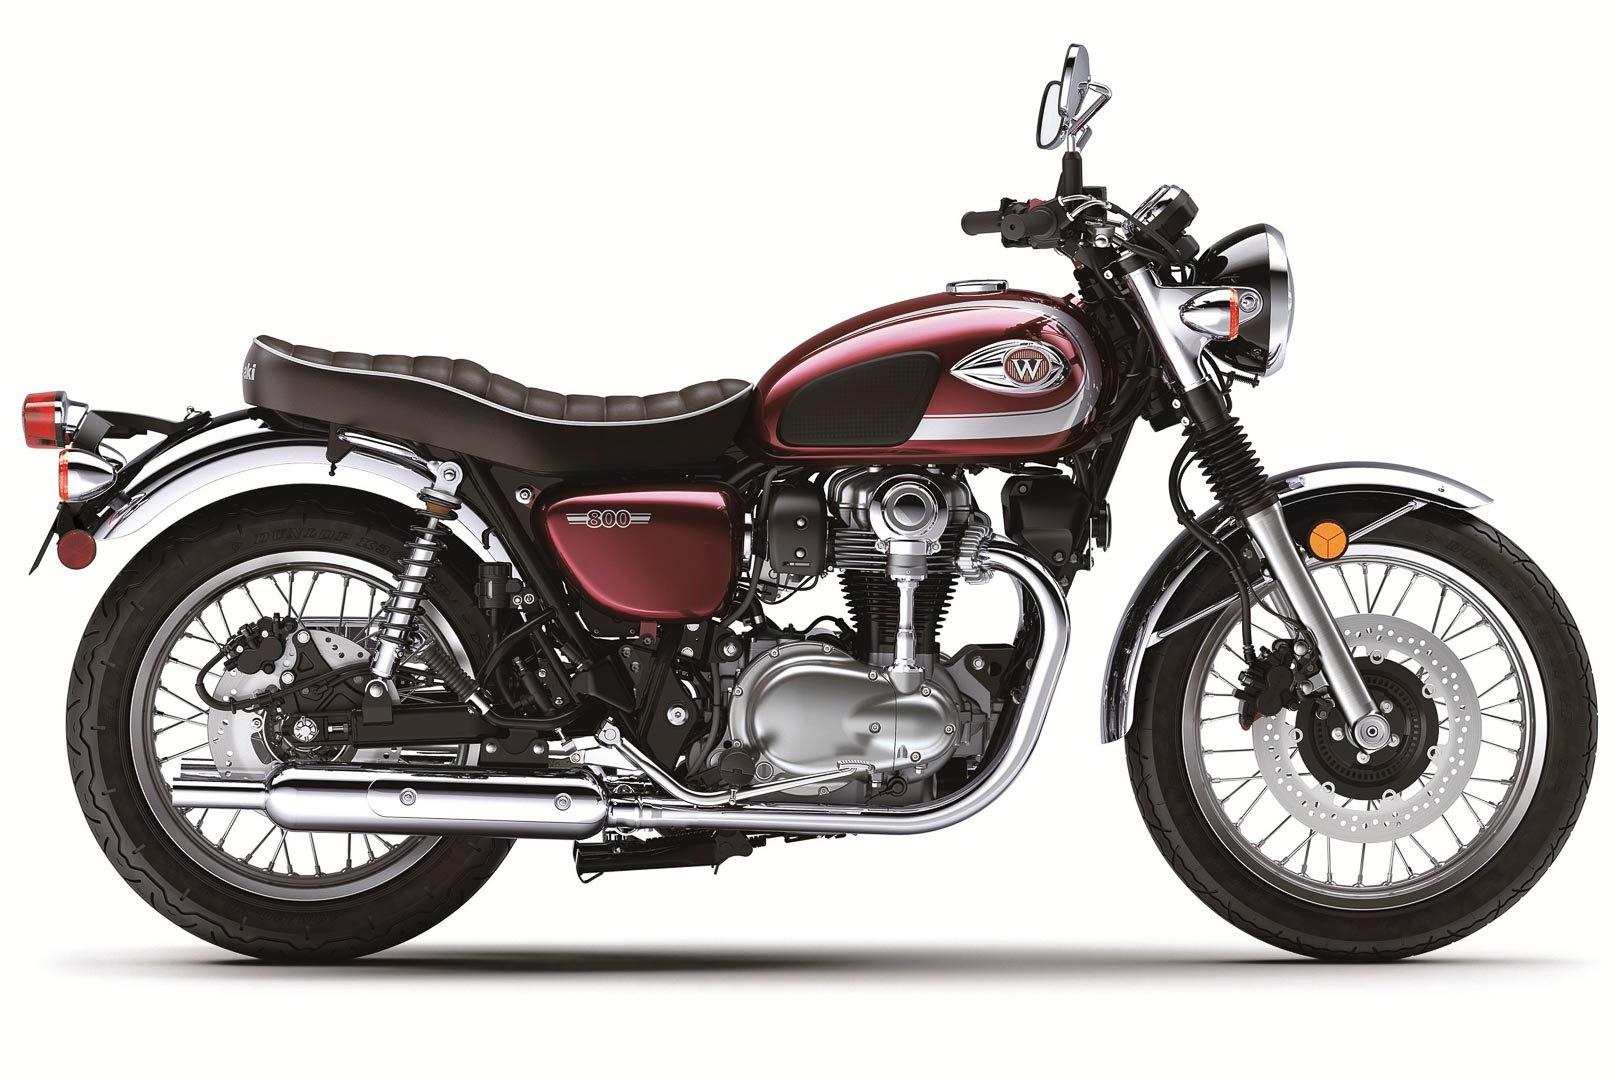 Kawasaki W800 red